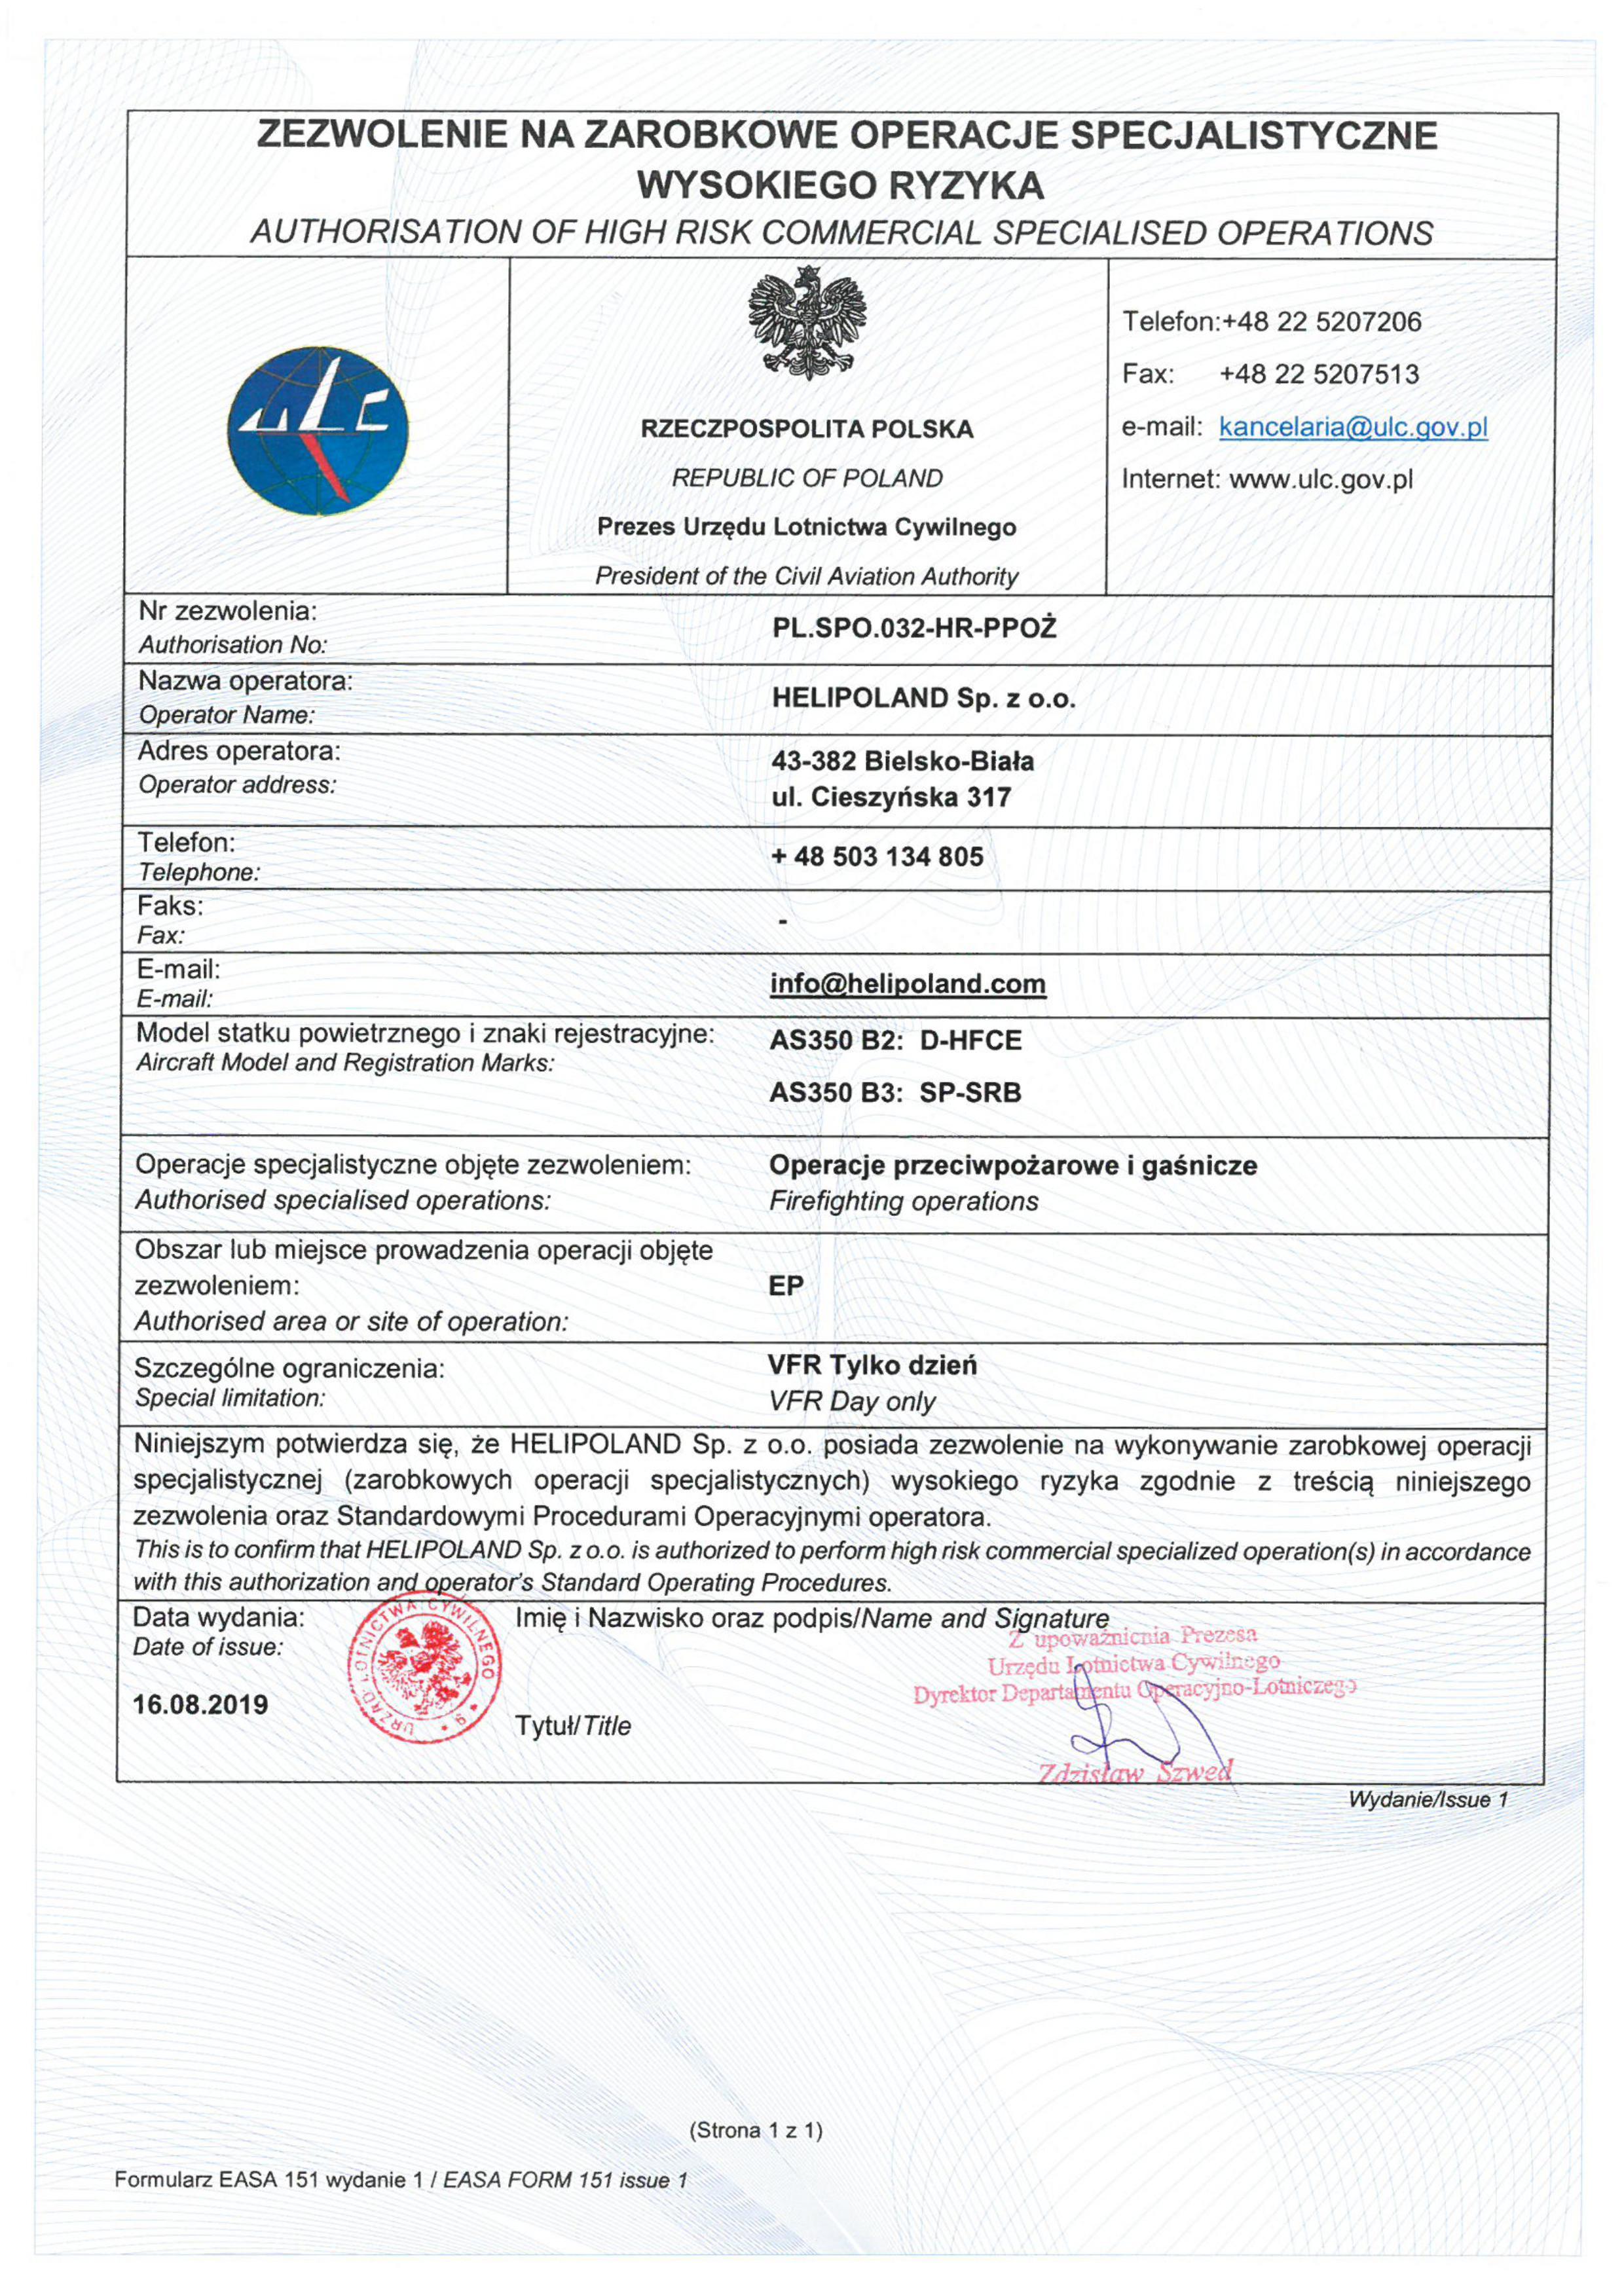 Helipoland PL.SPO.032-HR-PPOŻ